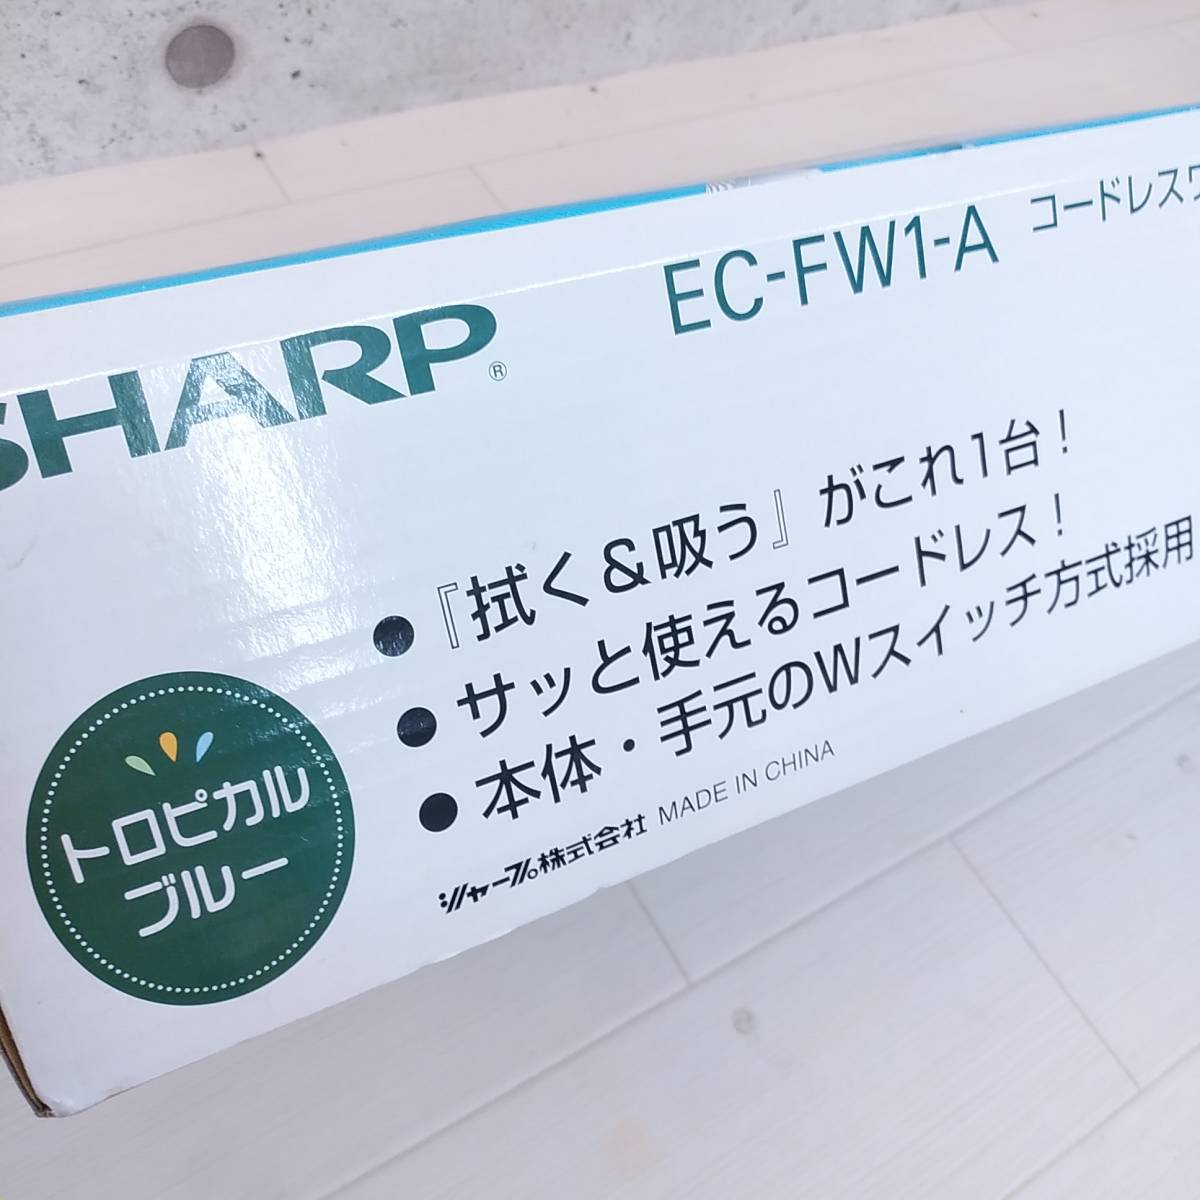 【新品】SHARP シャープ EC-FW1-A コードレスワイパー_画像3